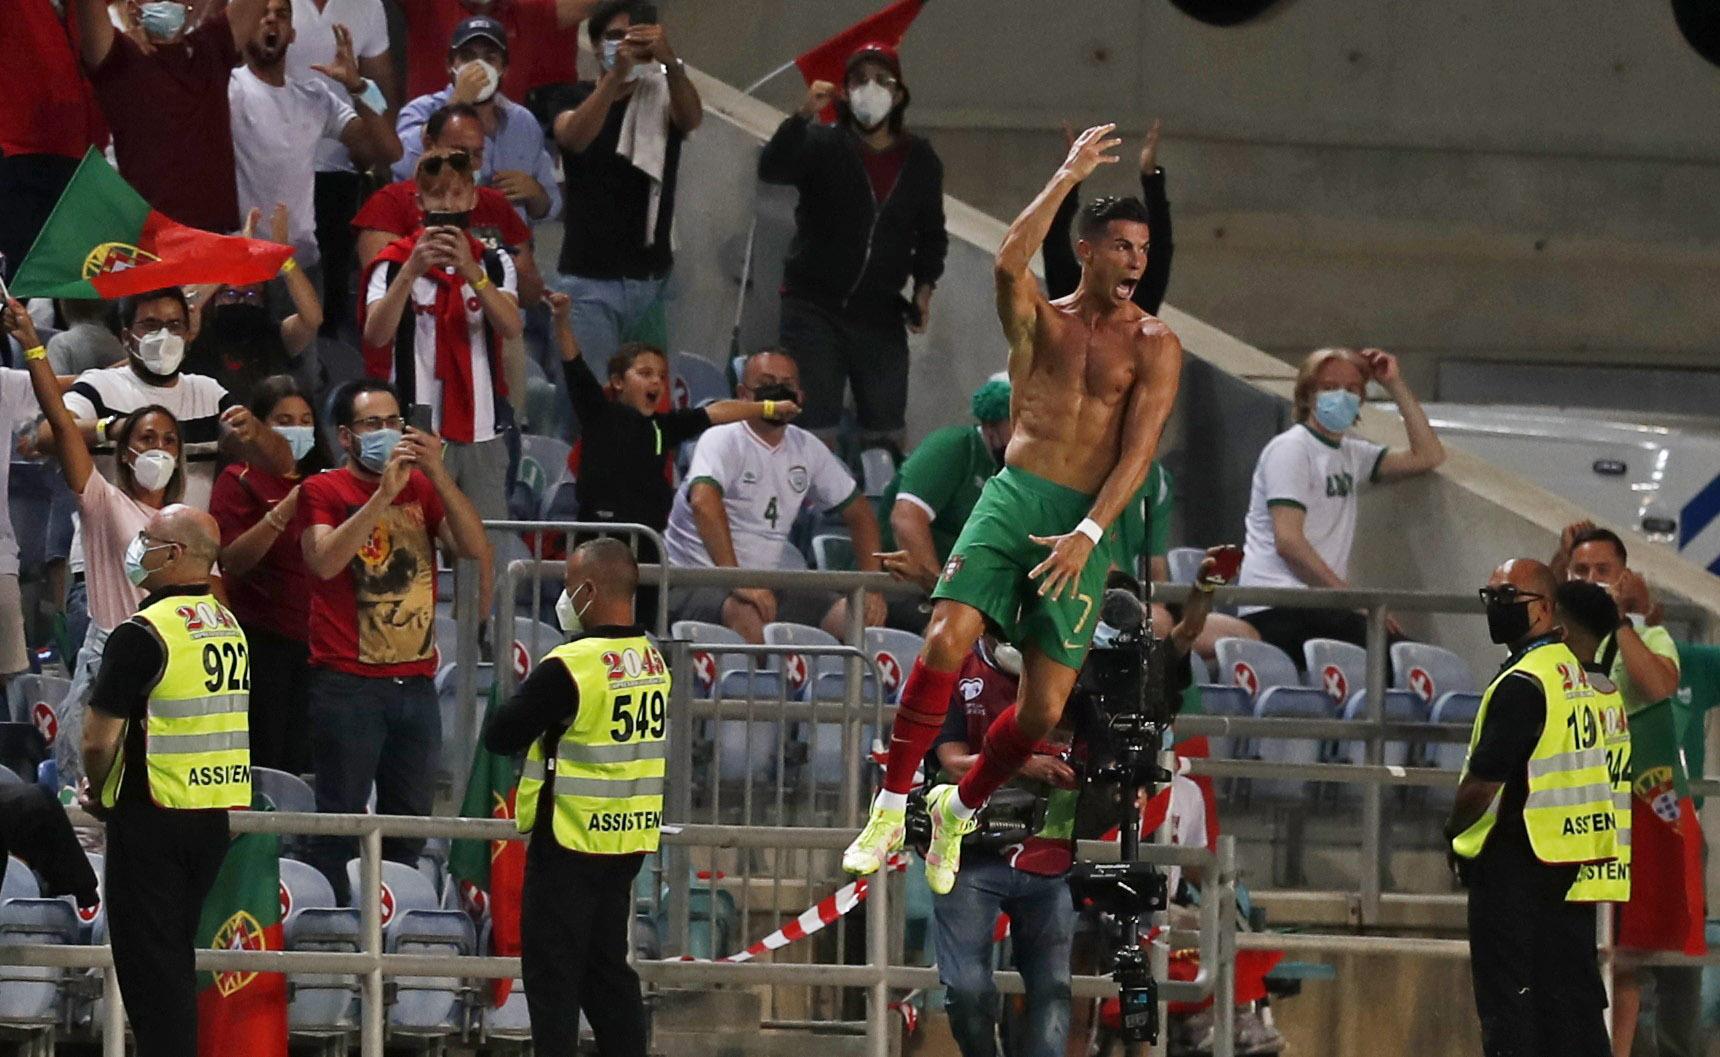 «Μυθικός» Κριστιάνο Ρονάλντο – 1ος σκόρερ όλων των εποχών σε εθνικό επίπεδο σε απίστευτο ματς